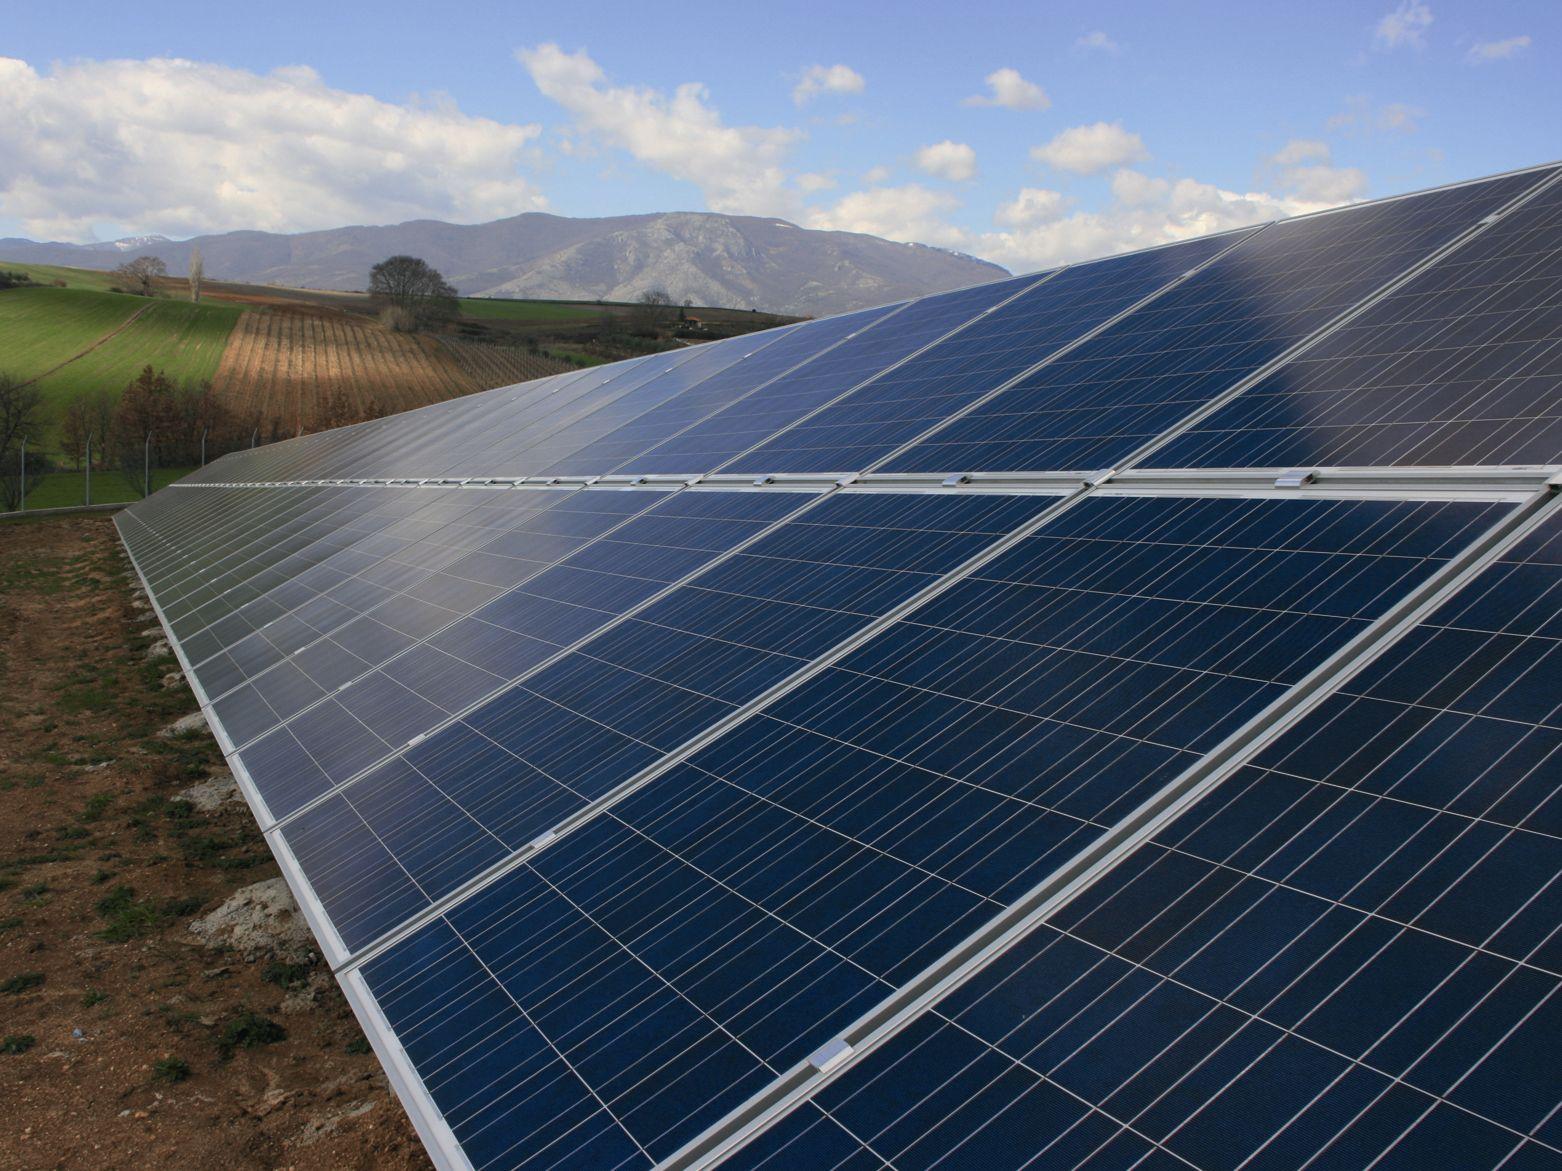 Pannelli solari fotovoltaici monocristallino o policristallino 17